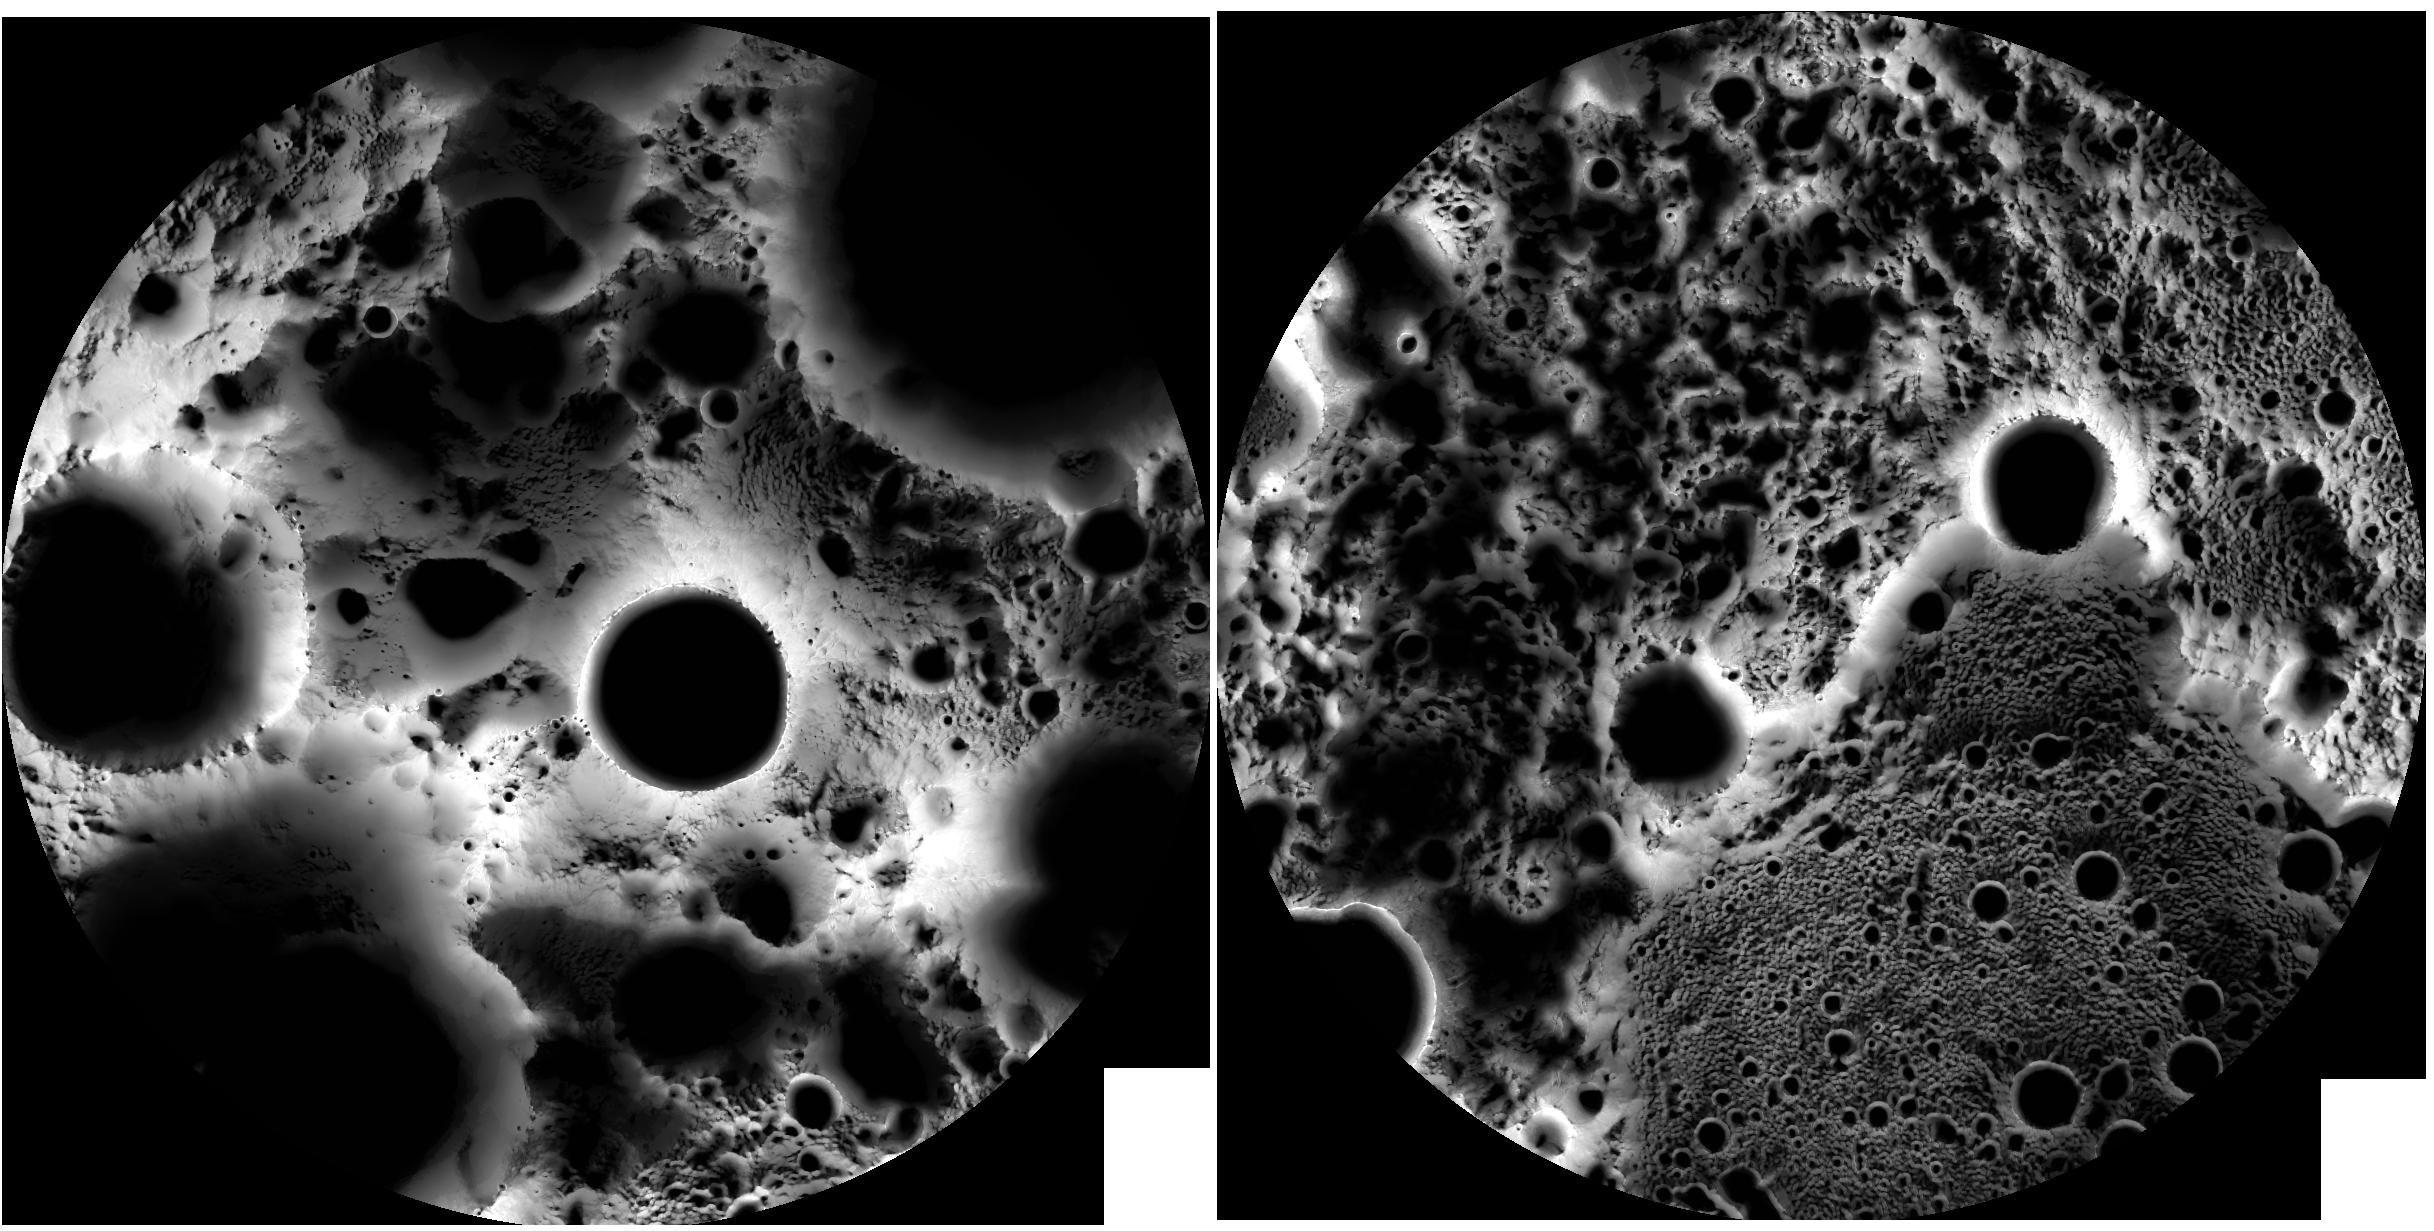 Карта распределения освещенности и тени в течение полных лунных суток у лунных полюсов. Илл. NASA